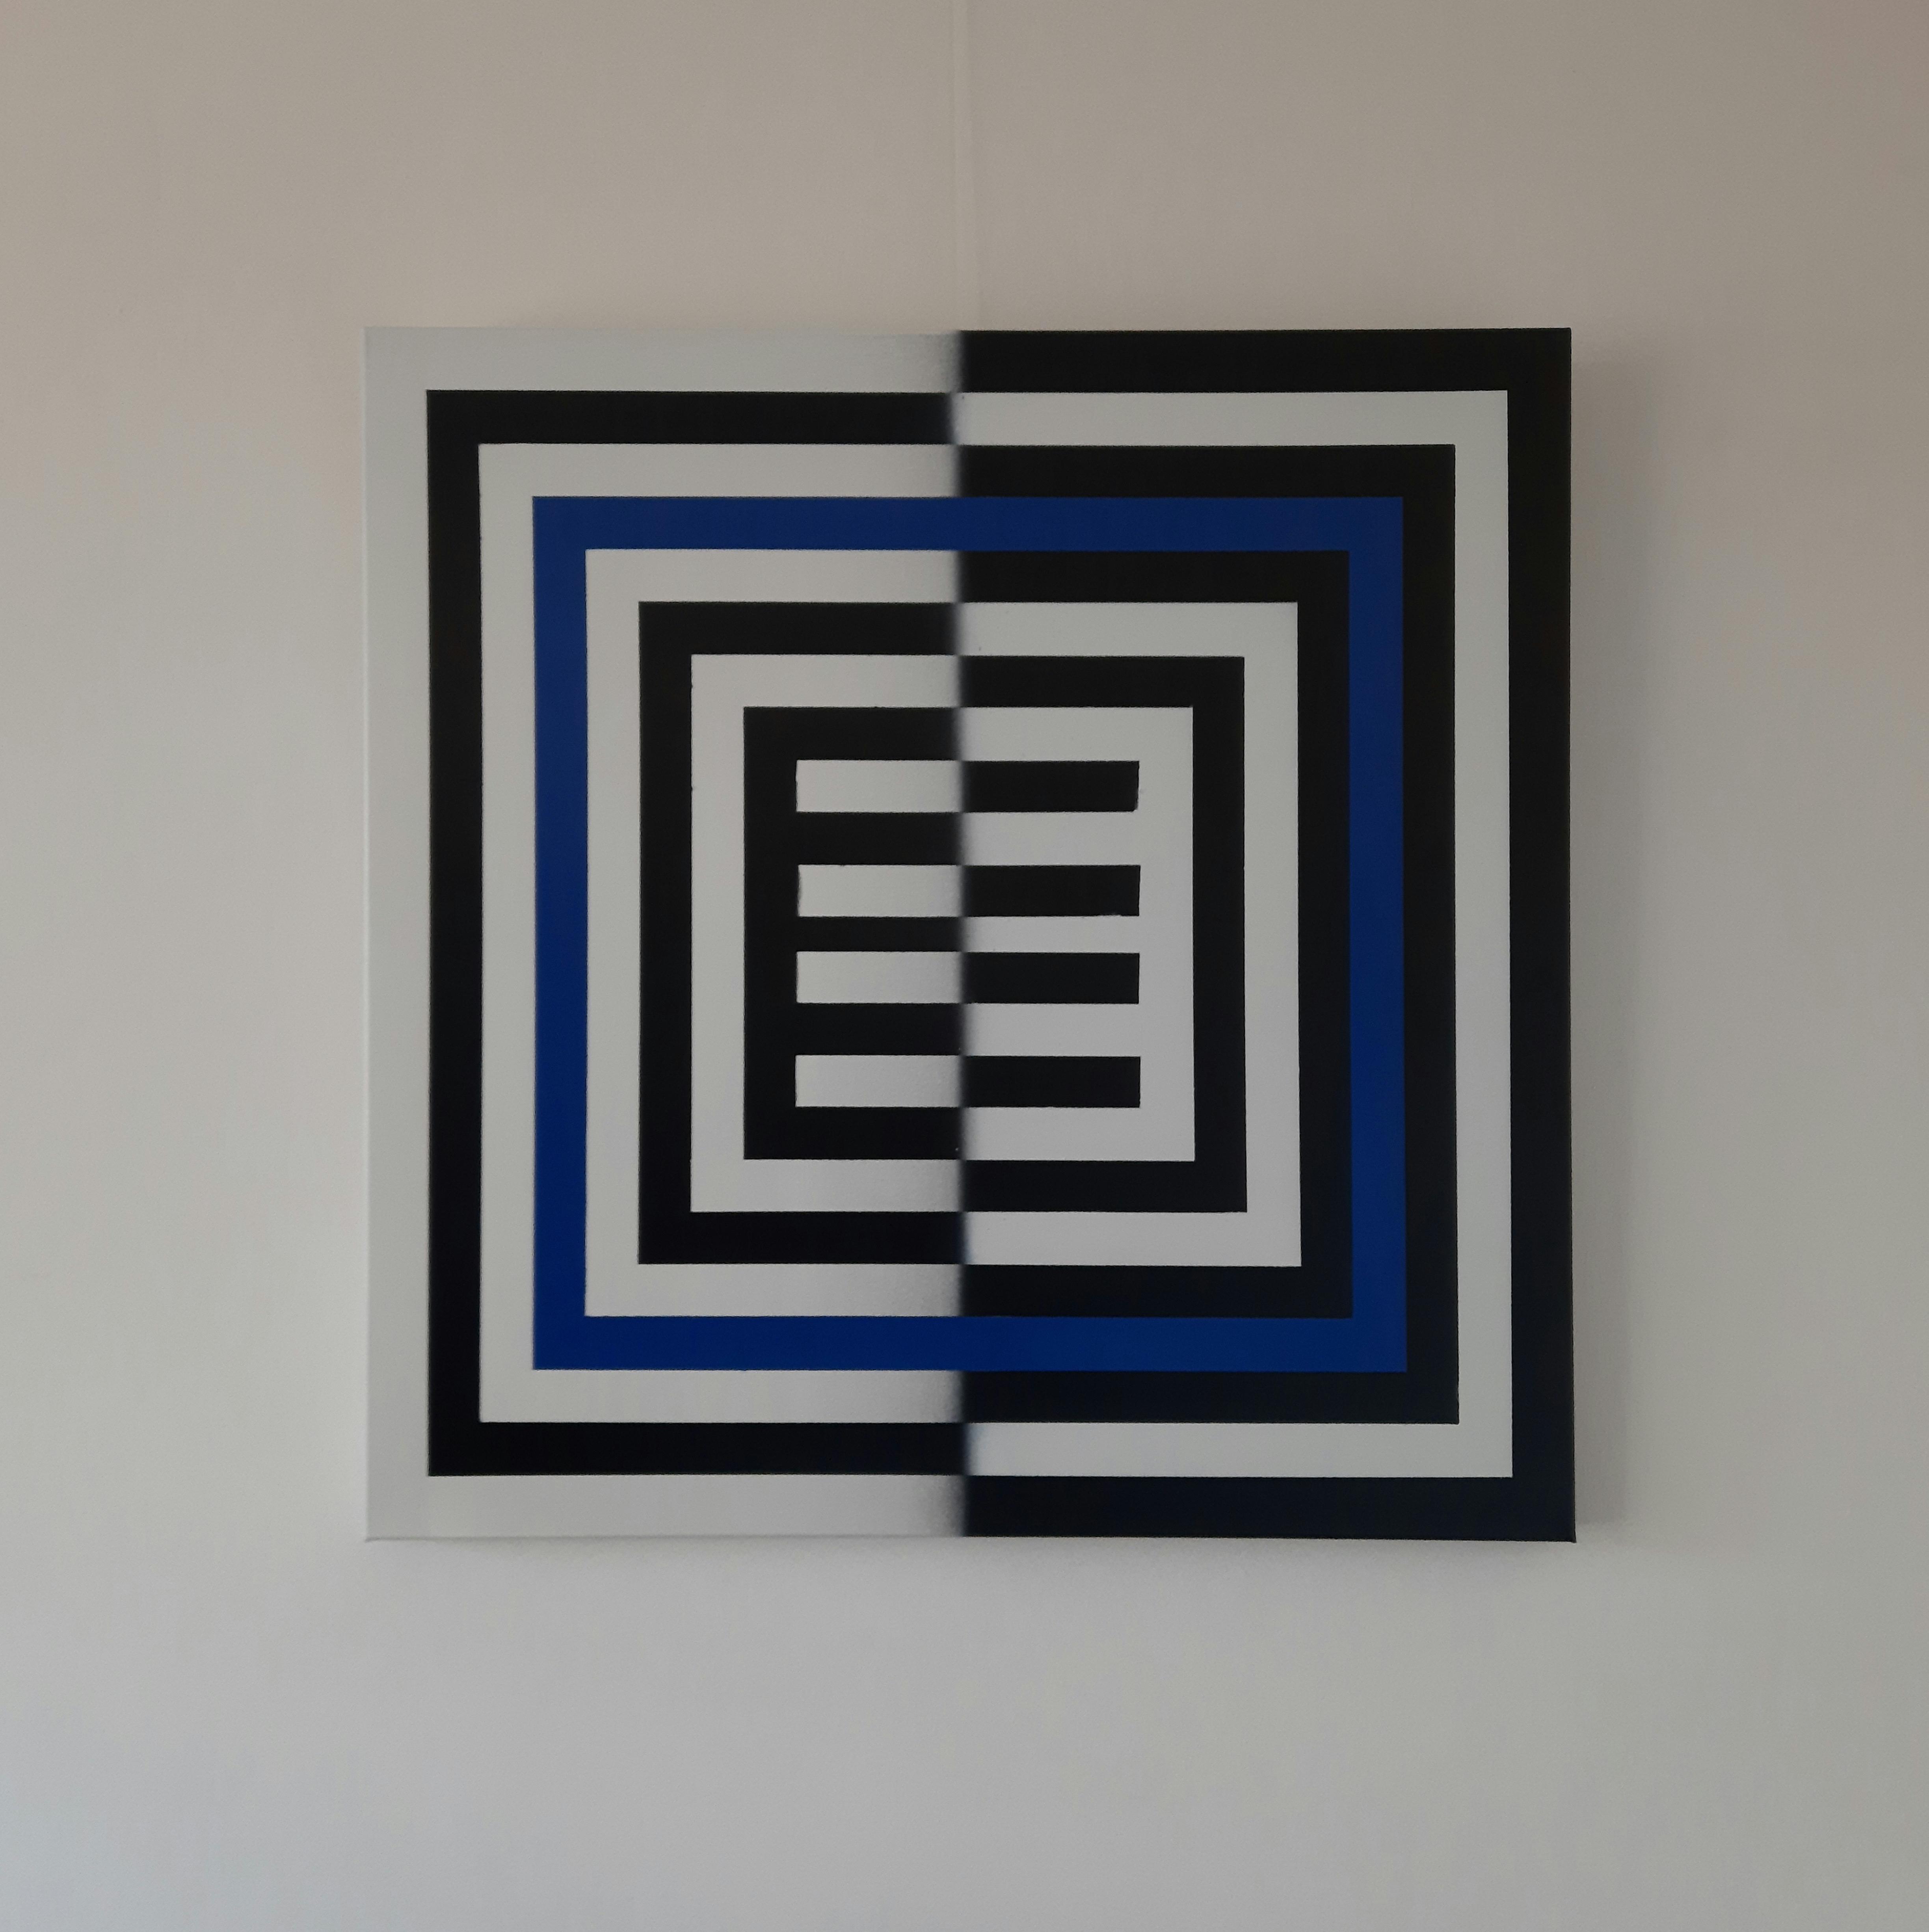 ESONE (PEDRO DENTINHO) 'TAKE THE BLUE PILL' - 2021-ORIGINAL 1/1